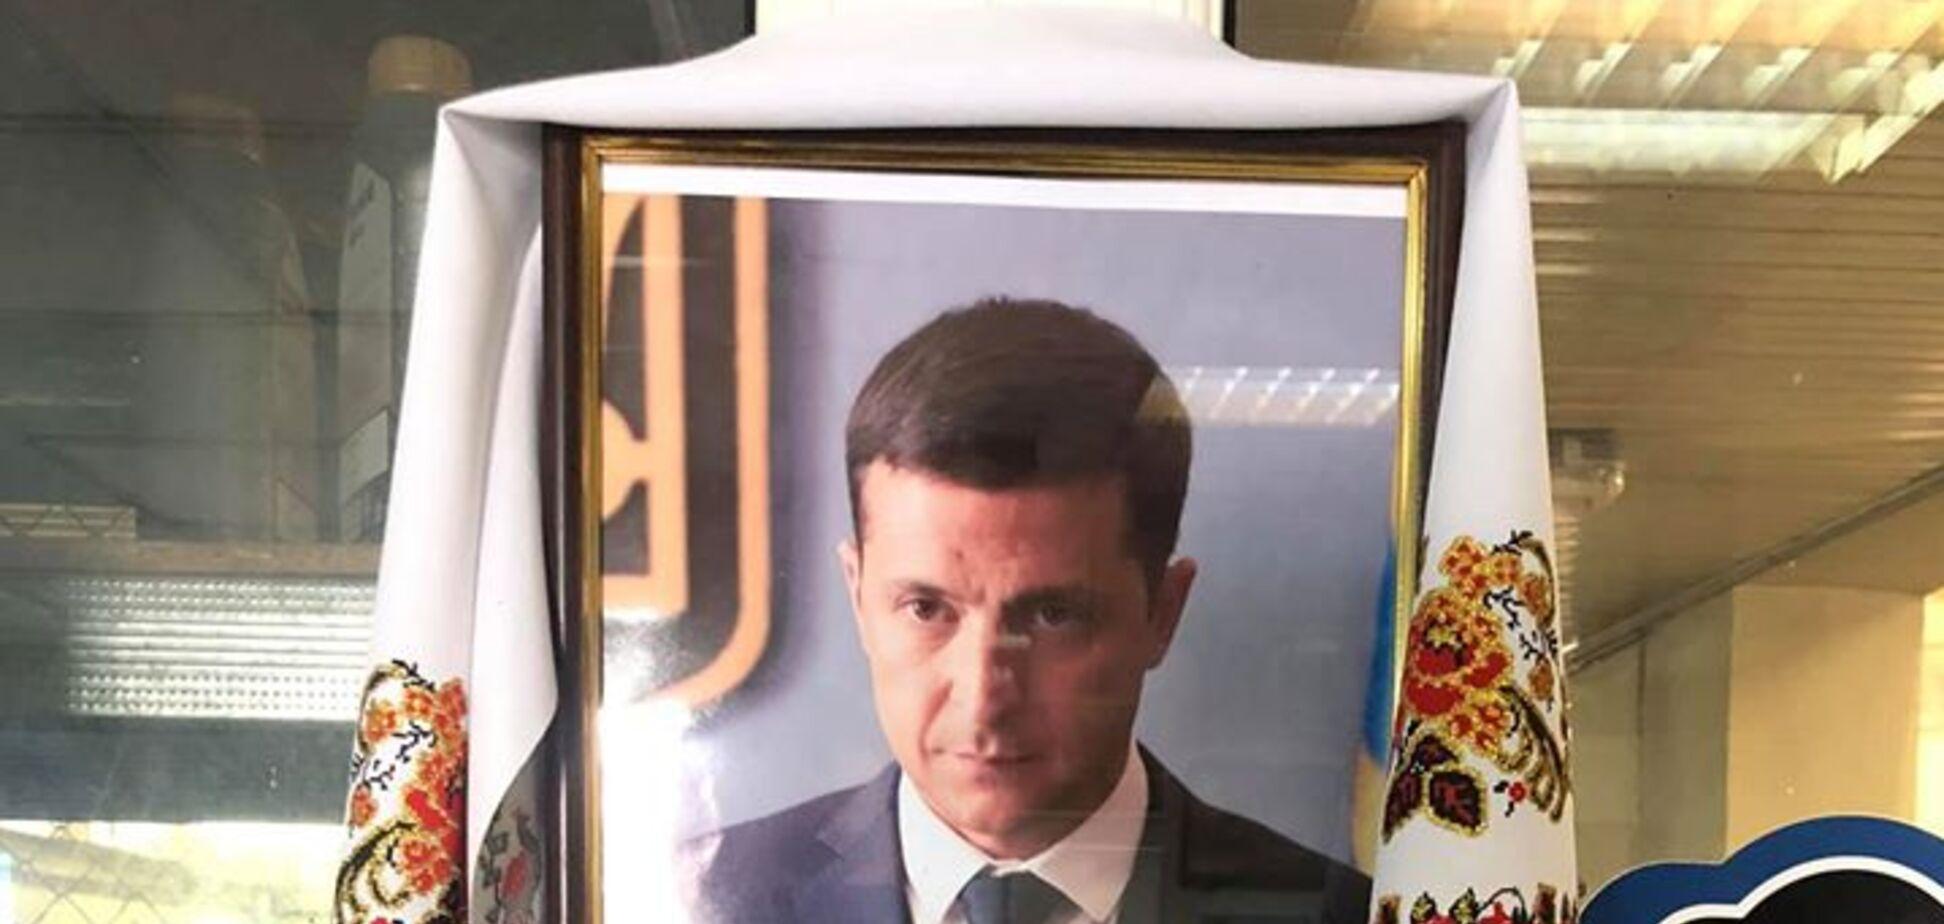 Мережа підірвало фото 'ікони' Зеленського на СТО в Одесі